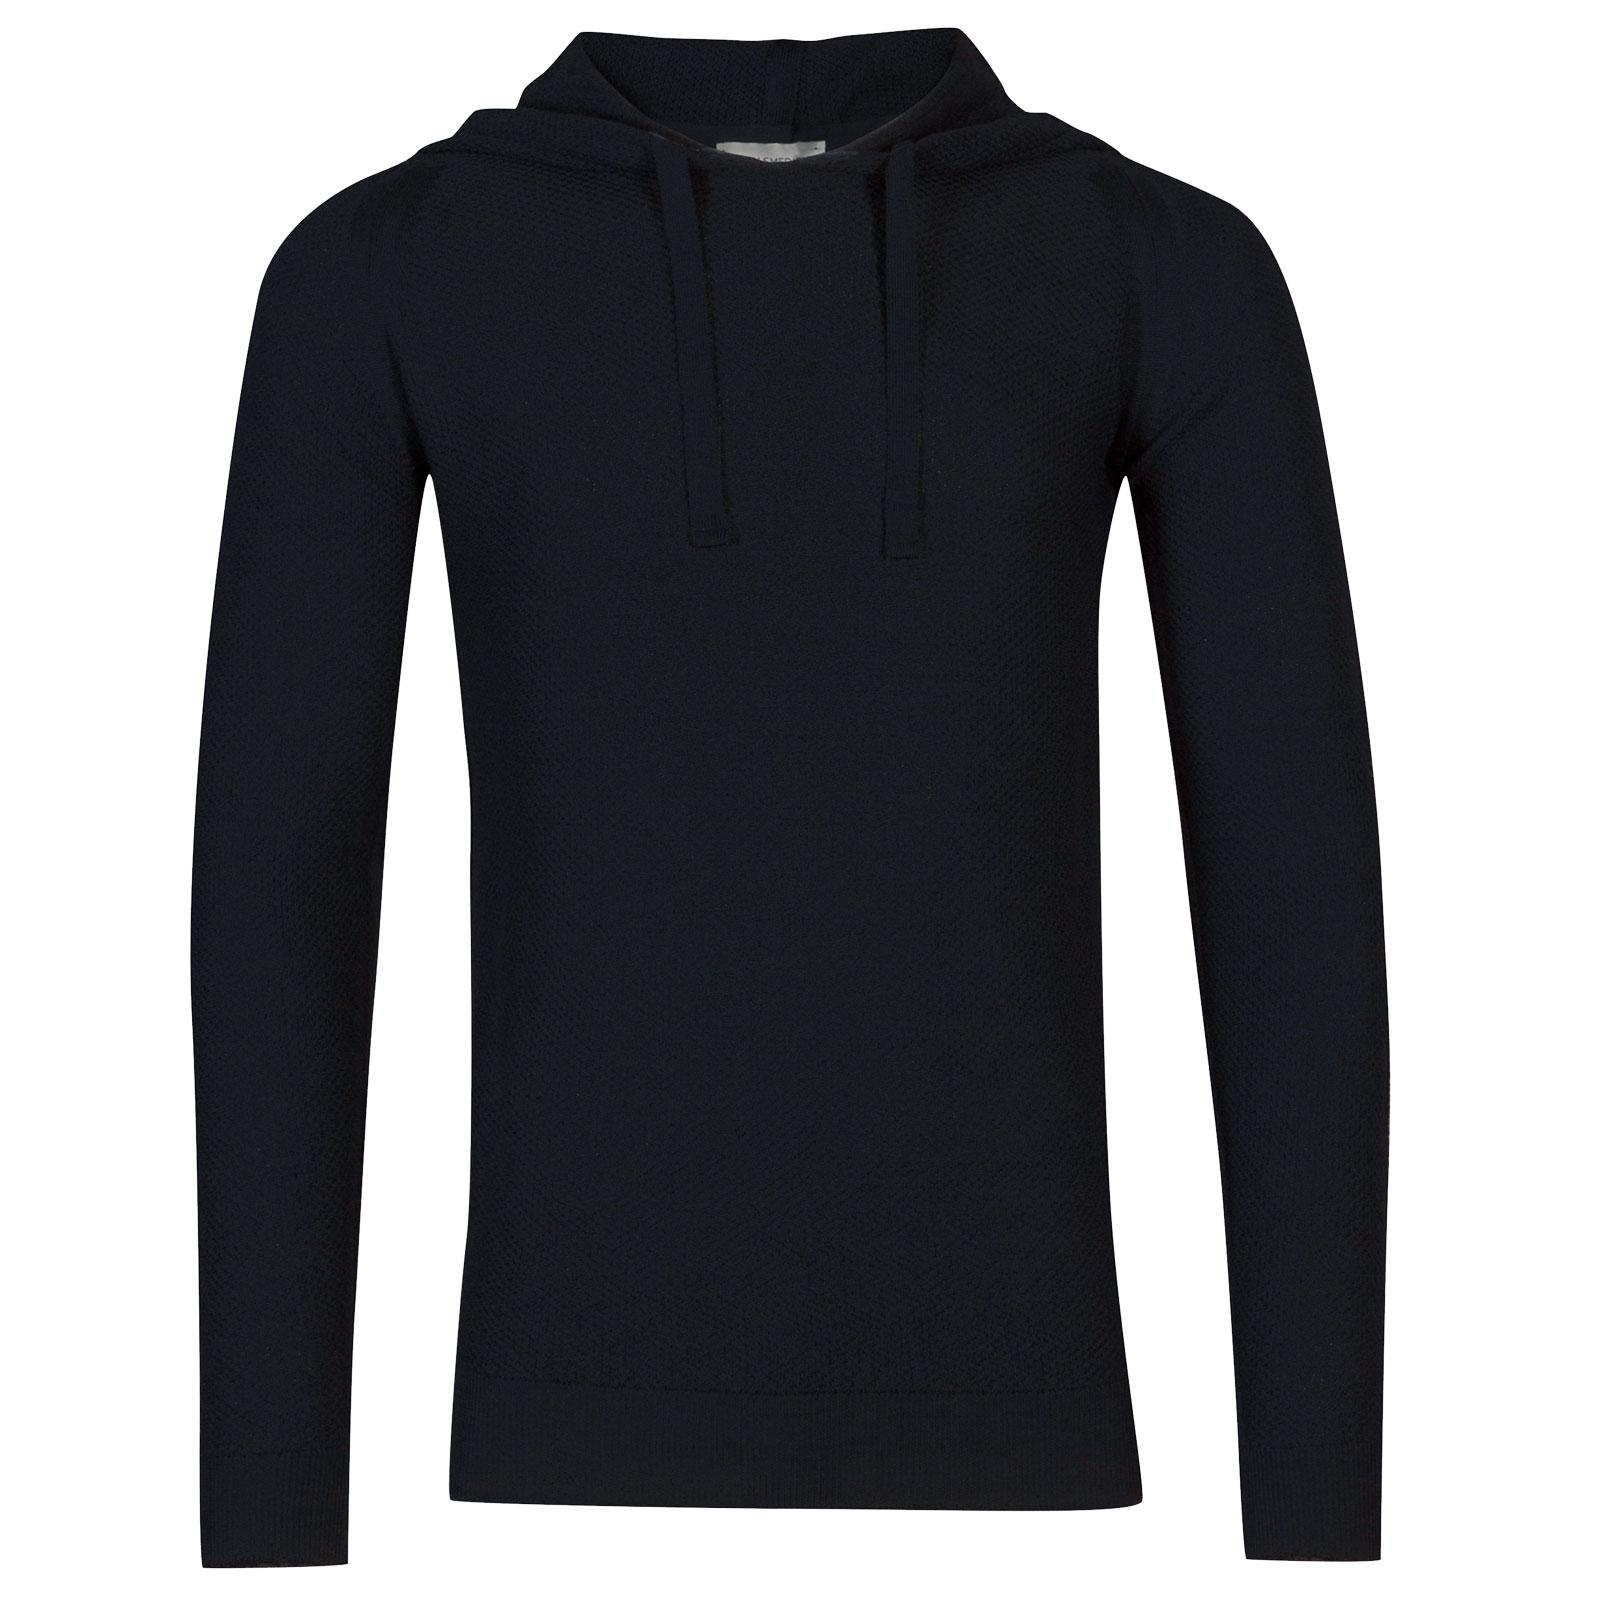 John Smedley 4singular Merino Wool Pullover in Midnight-XXL